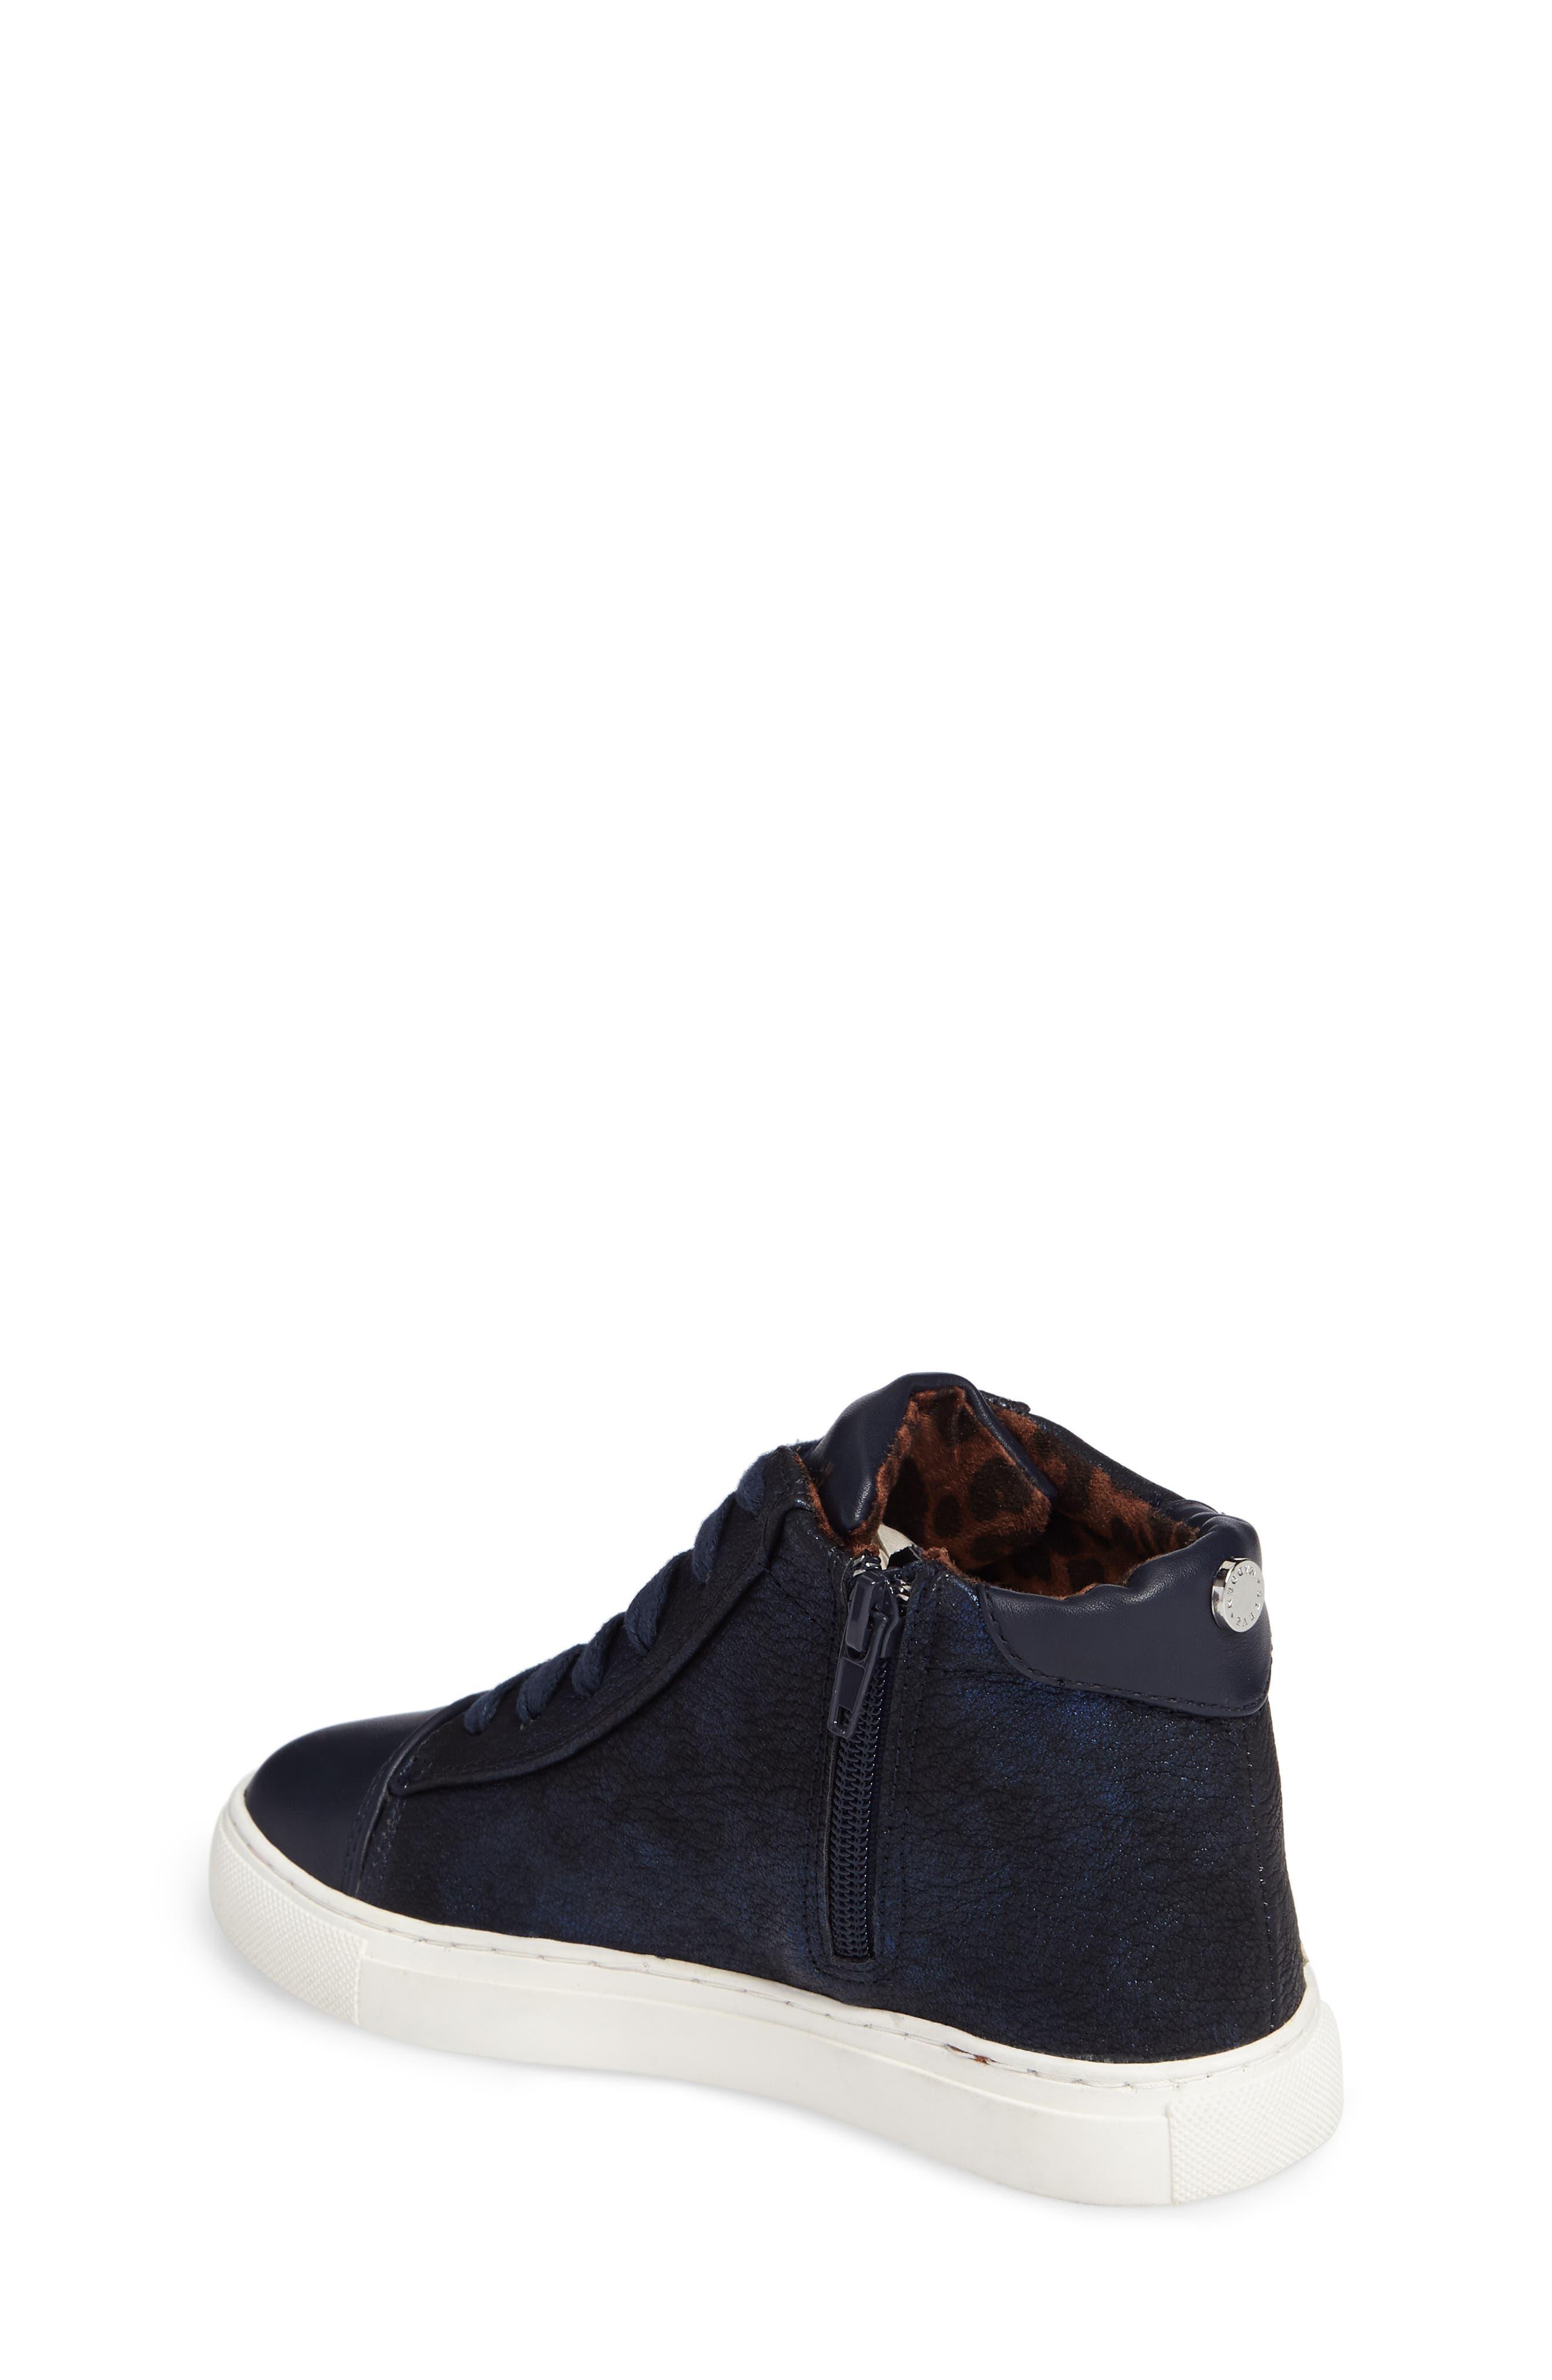 Jflash Glitter Star High Top Sneaker,                             Alternate thumbnail 2, color,                             438